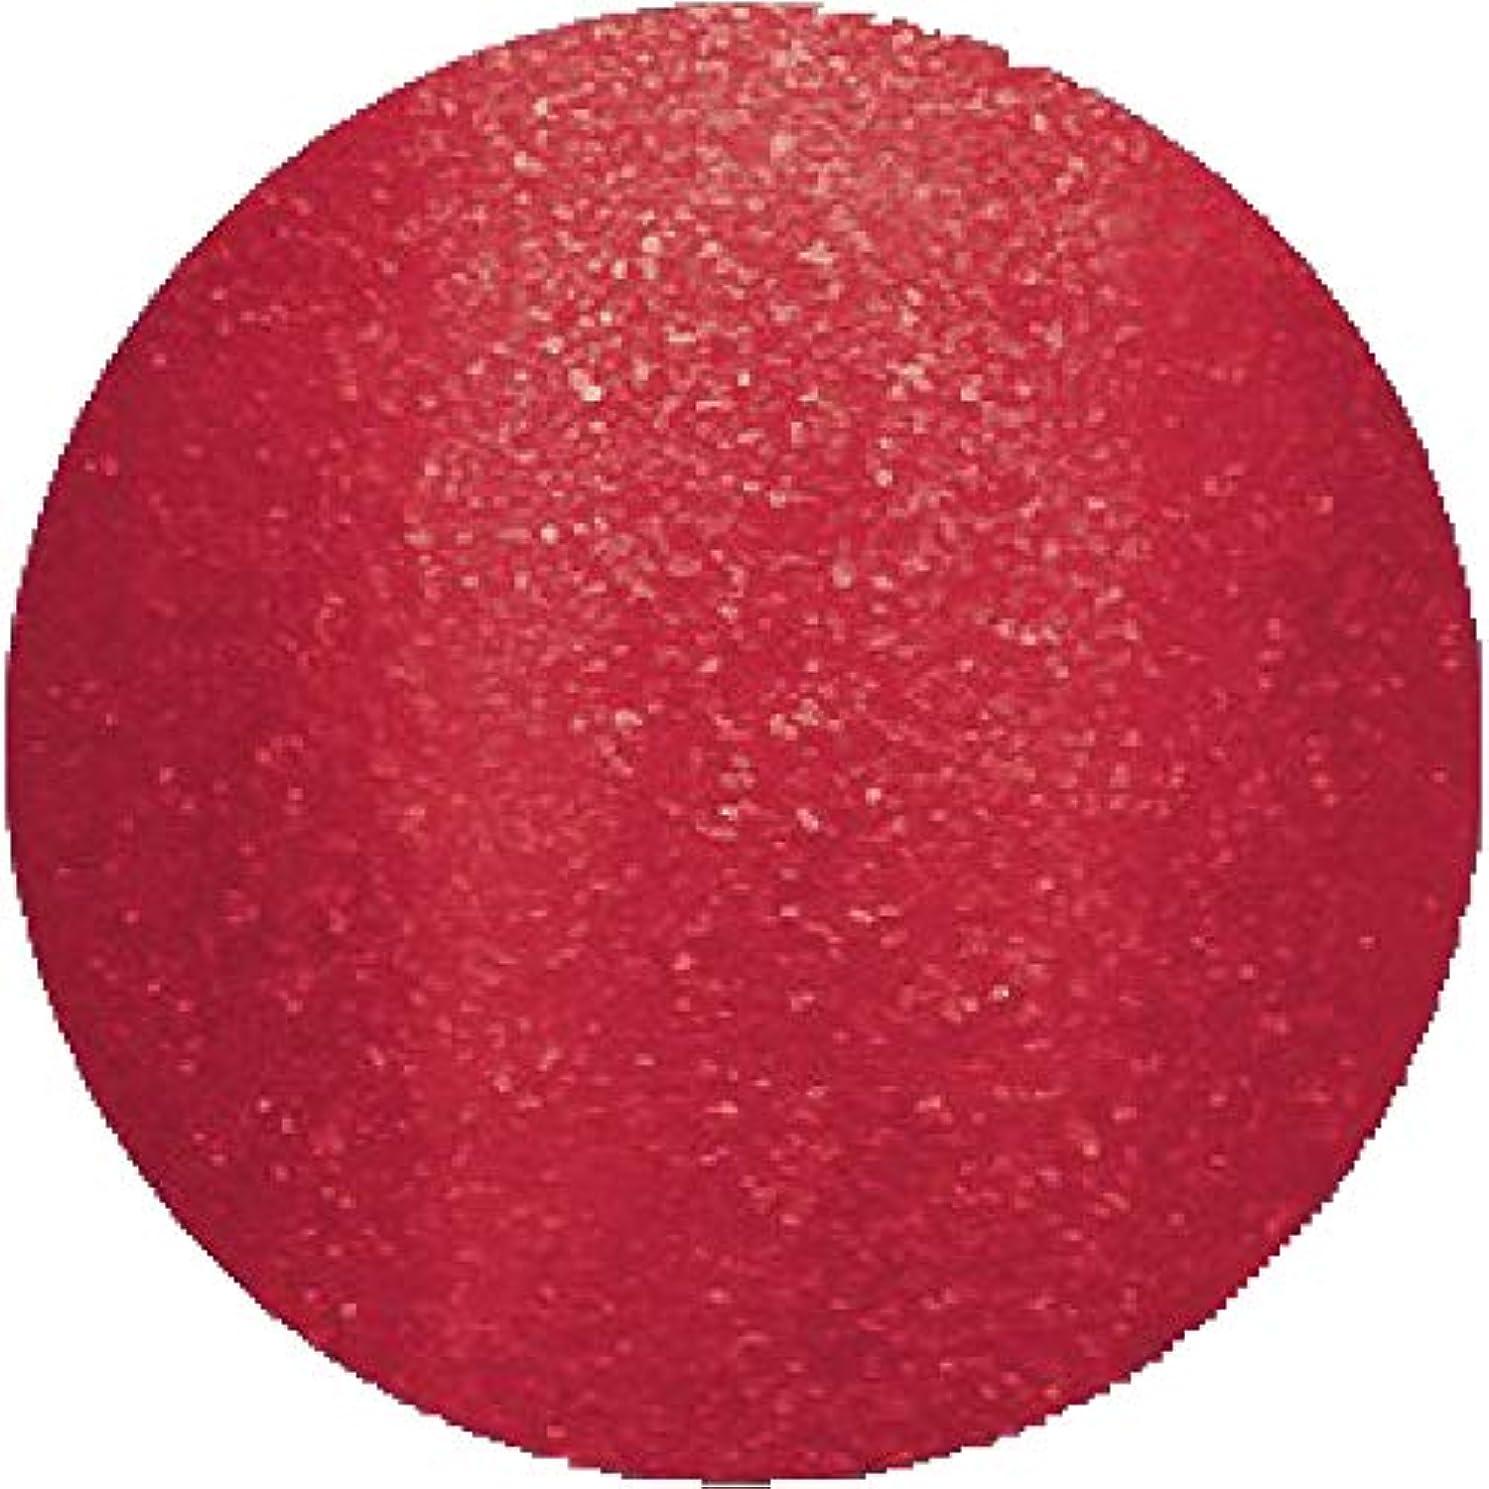 エンターテインメント病者冒険者Entity One Color Couture Gel Polish - Bouquet of Gerbera Daisies - 0.5oz / 15ml